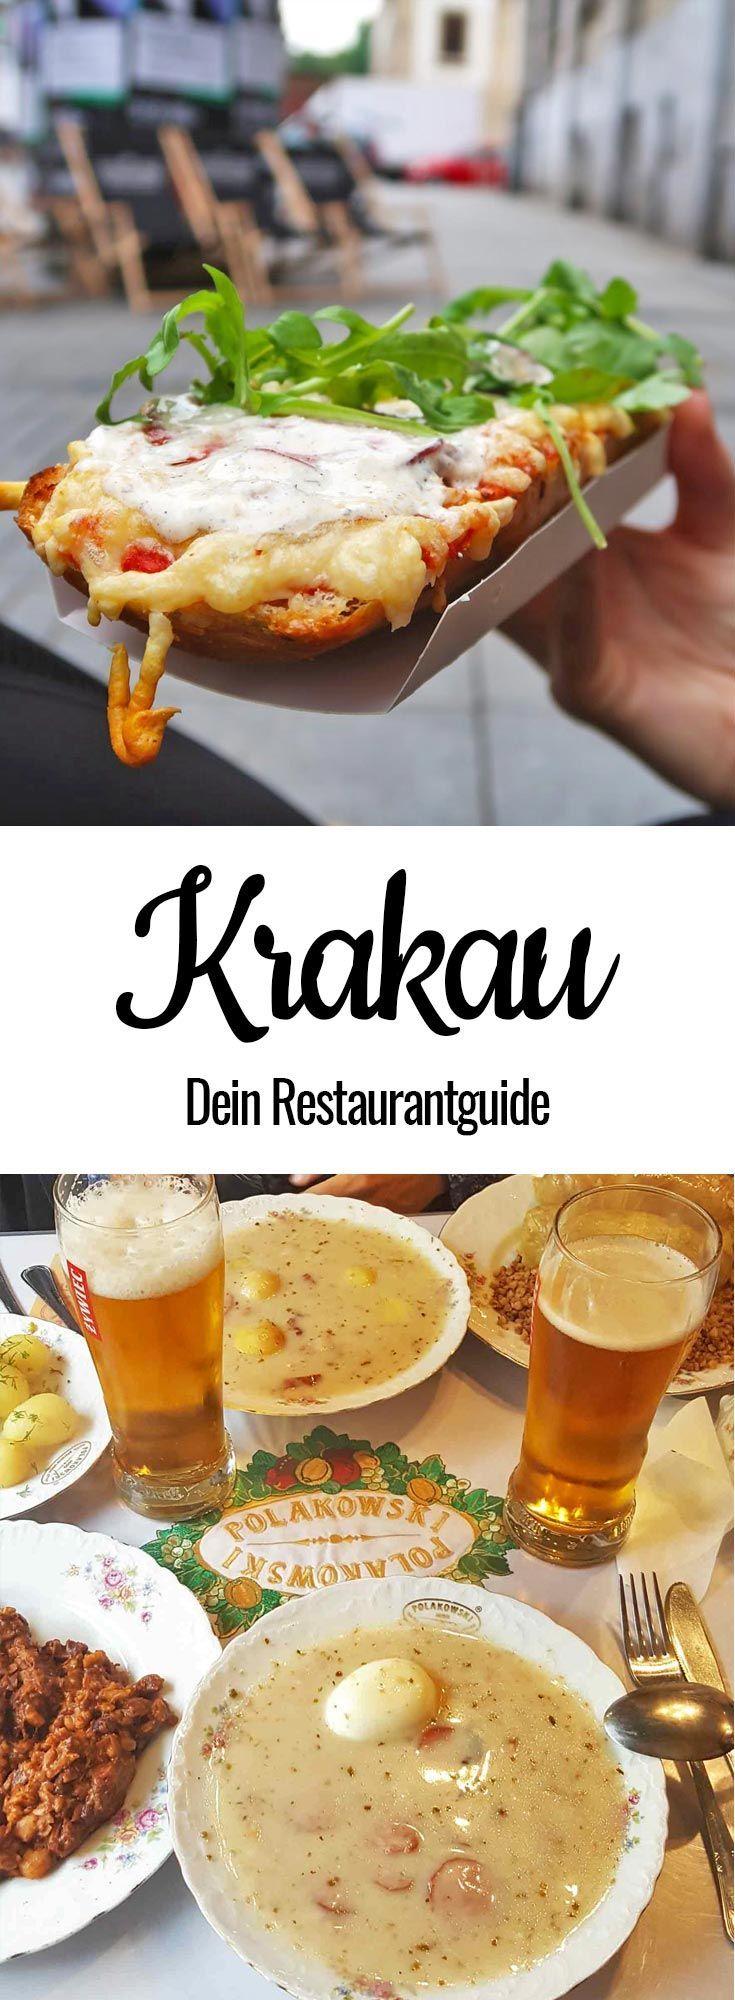 Krakau Restaurants: Die leckersten Foodtipps der Stadt! #favoriteplaces